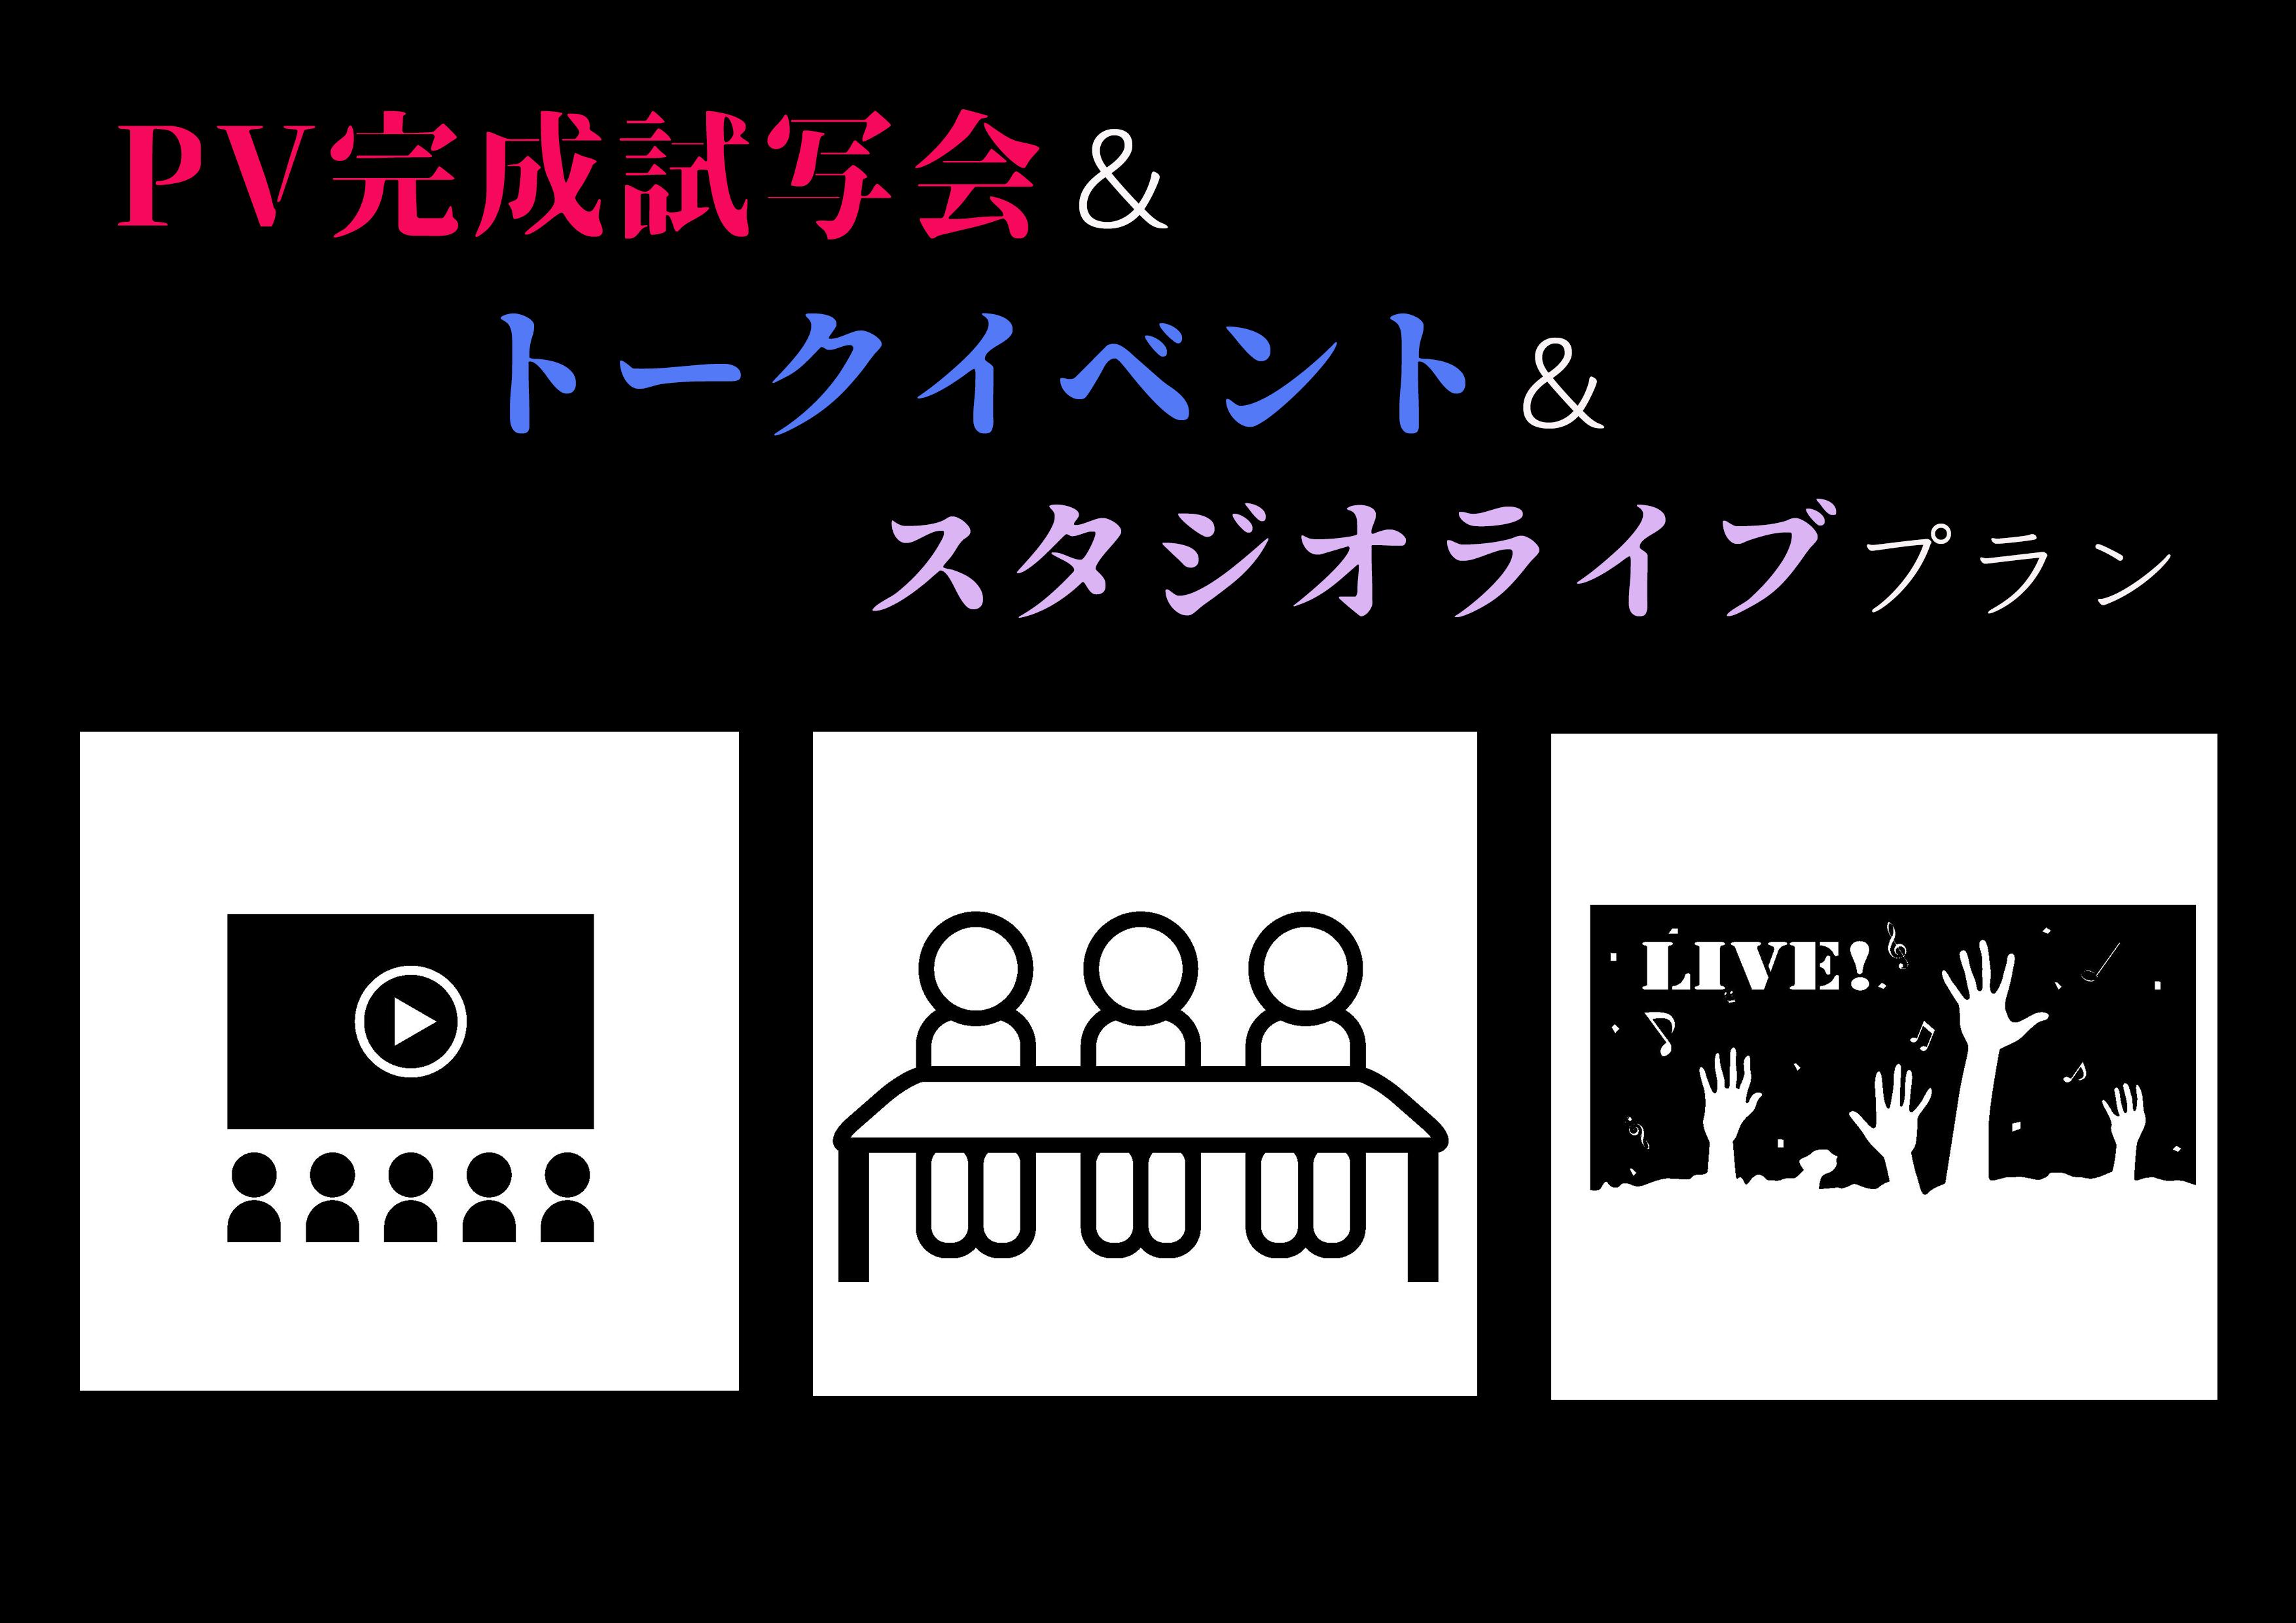 【 PV完成試写会&トークイベント&スタジオライブプラン 】